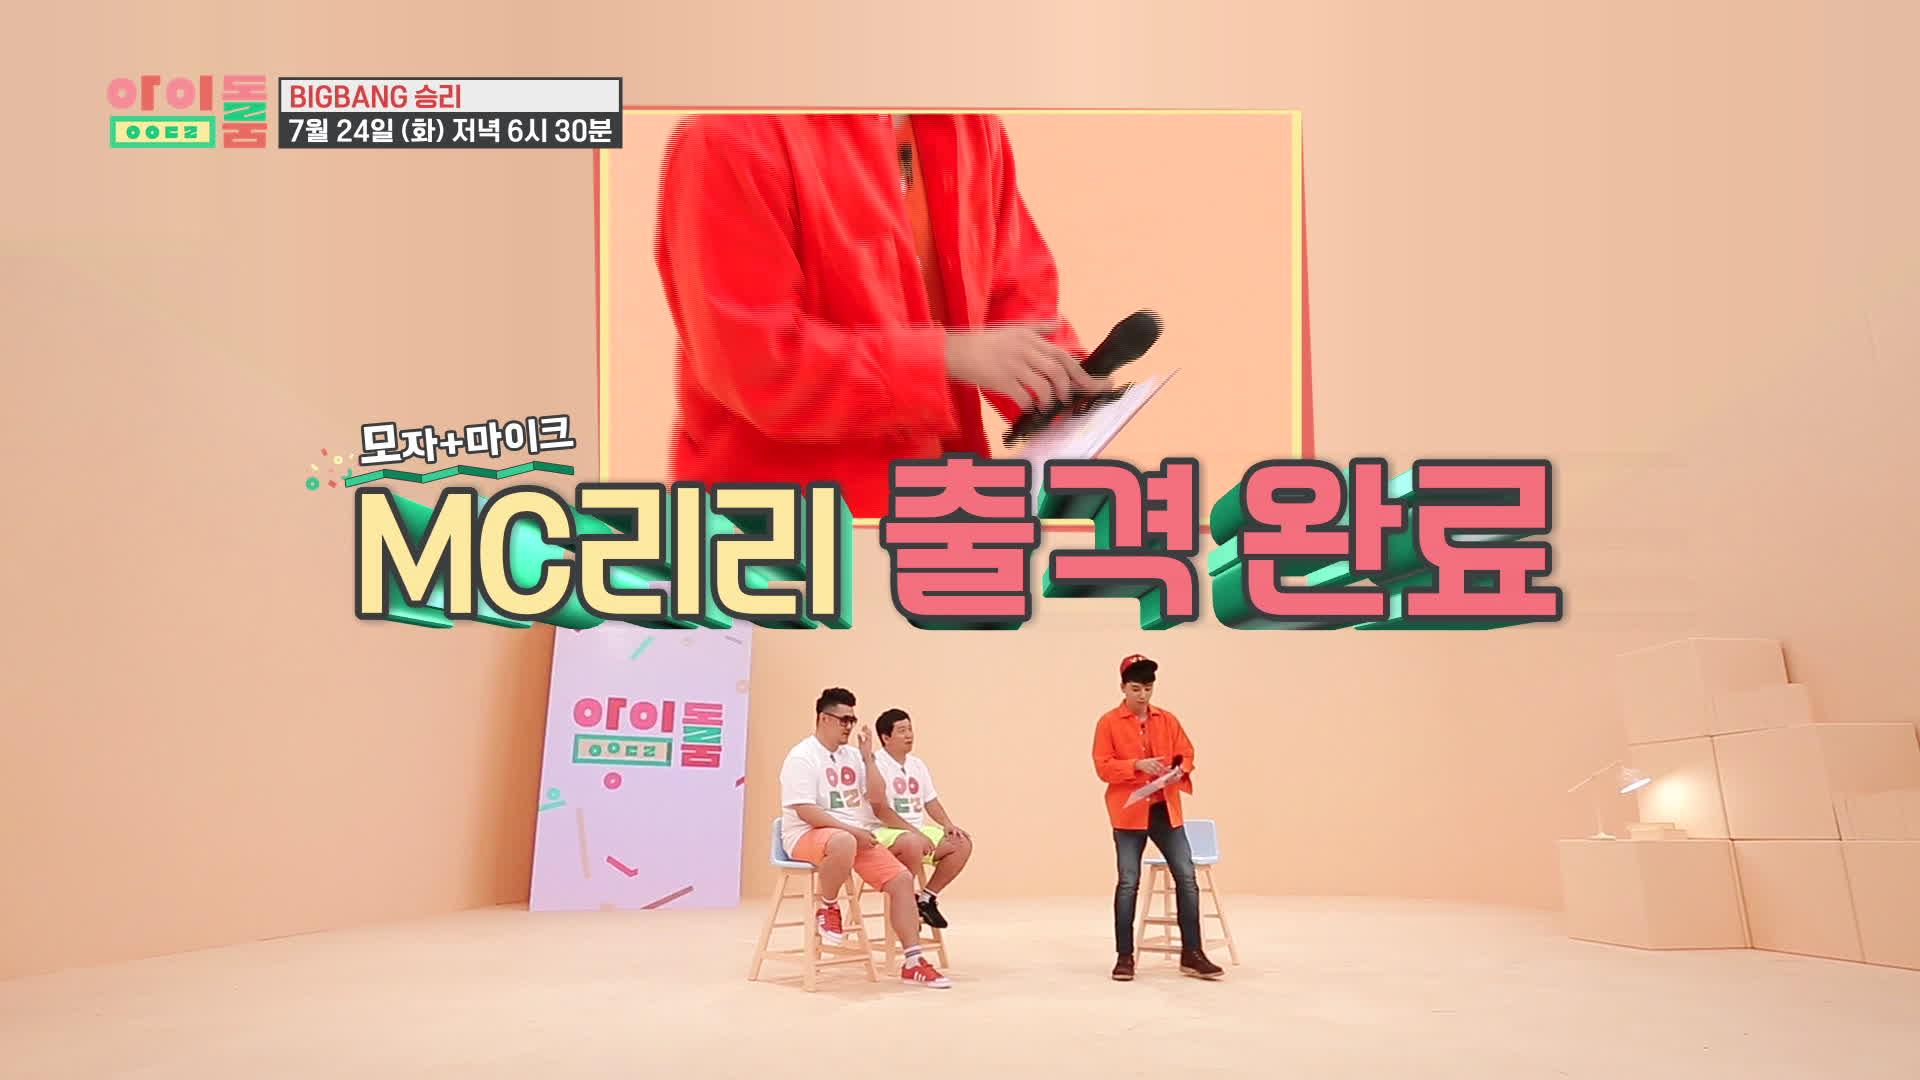 <아이돌룸> 12회 선공개 - MC 승리, 7월 스케줄을 랩으로?